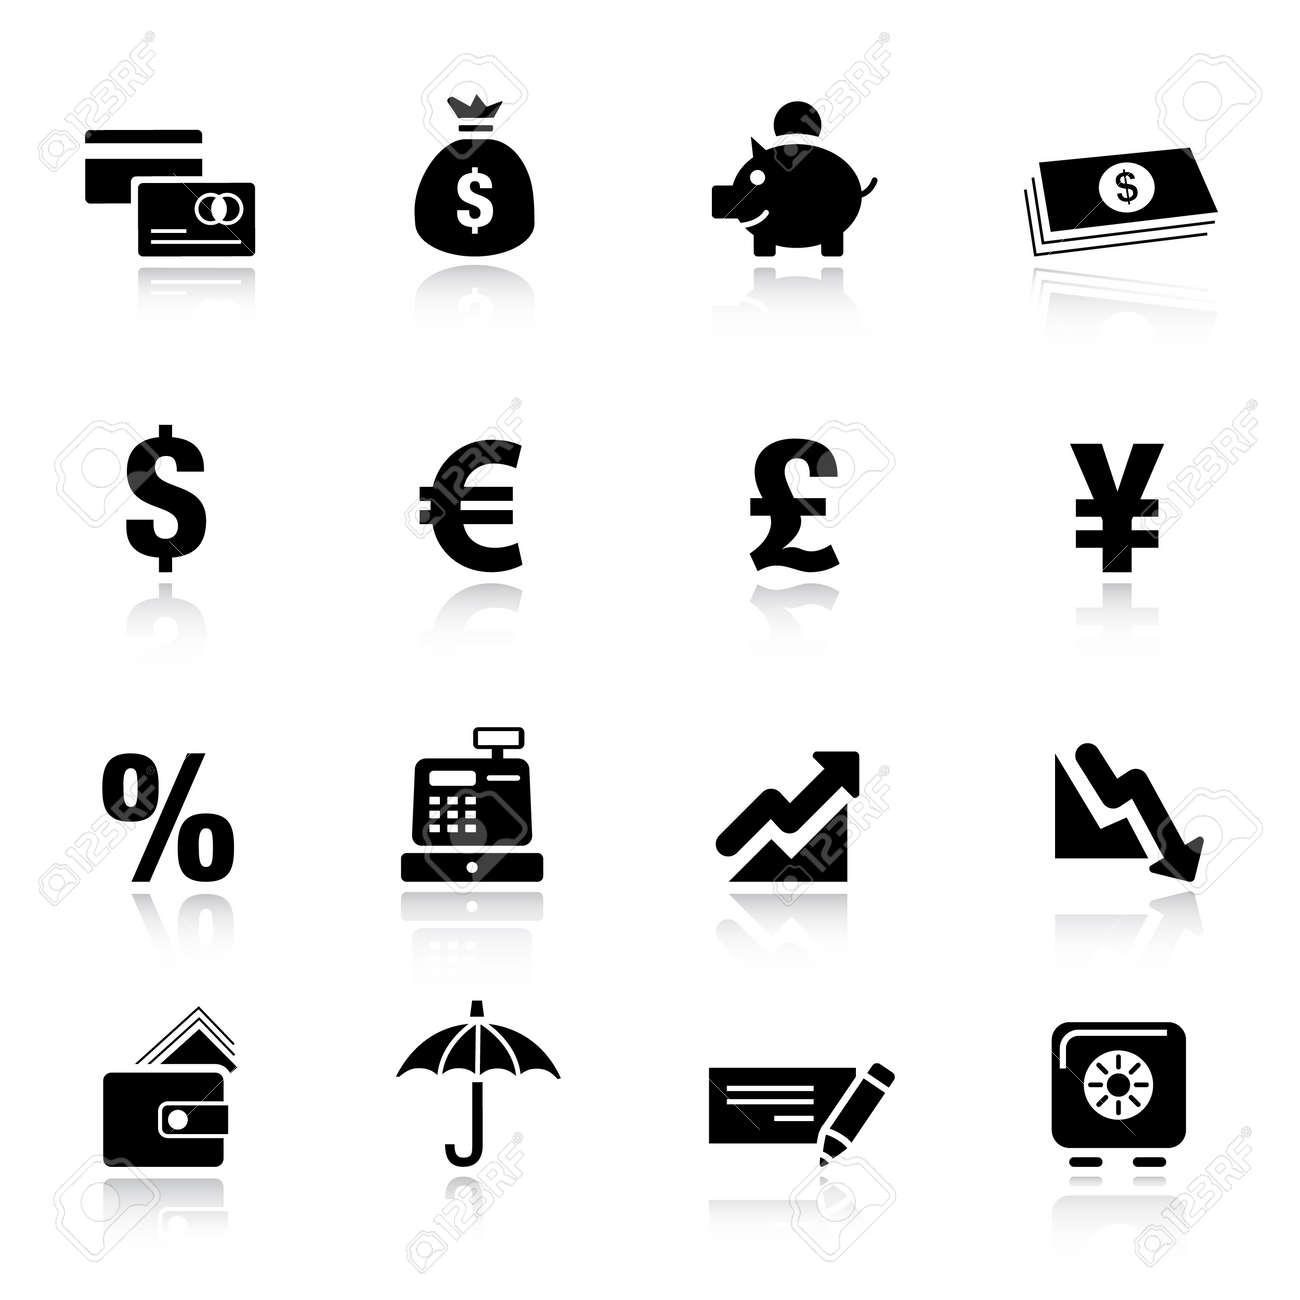 Basic - Finance icons - 9701441